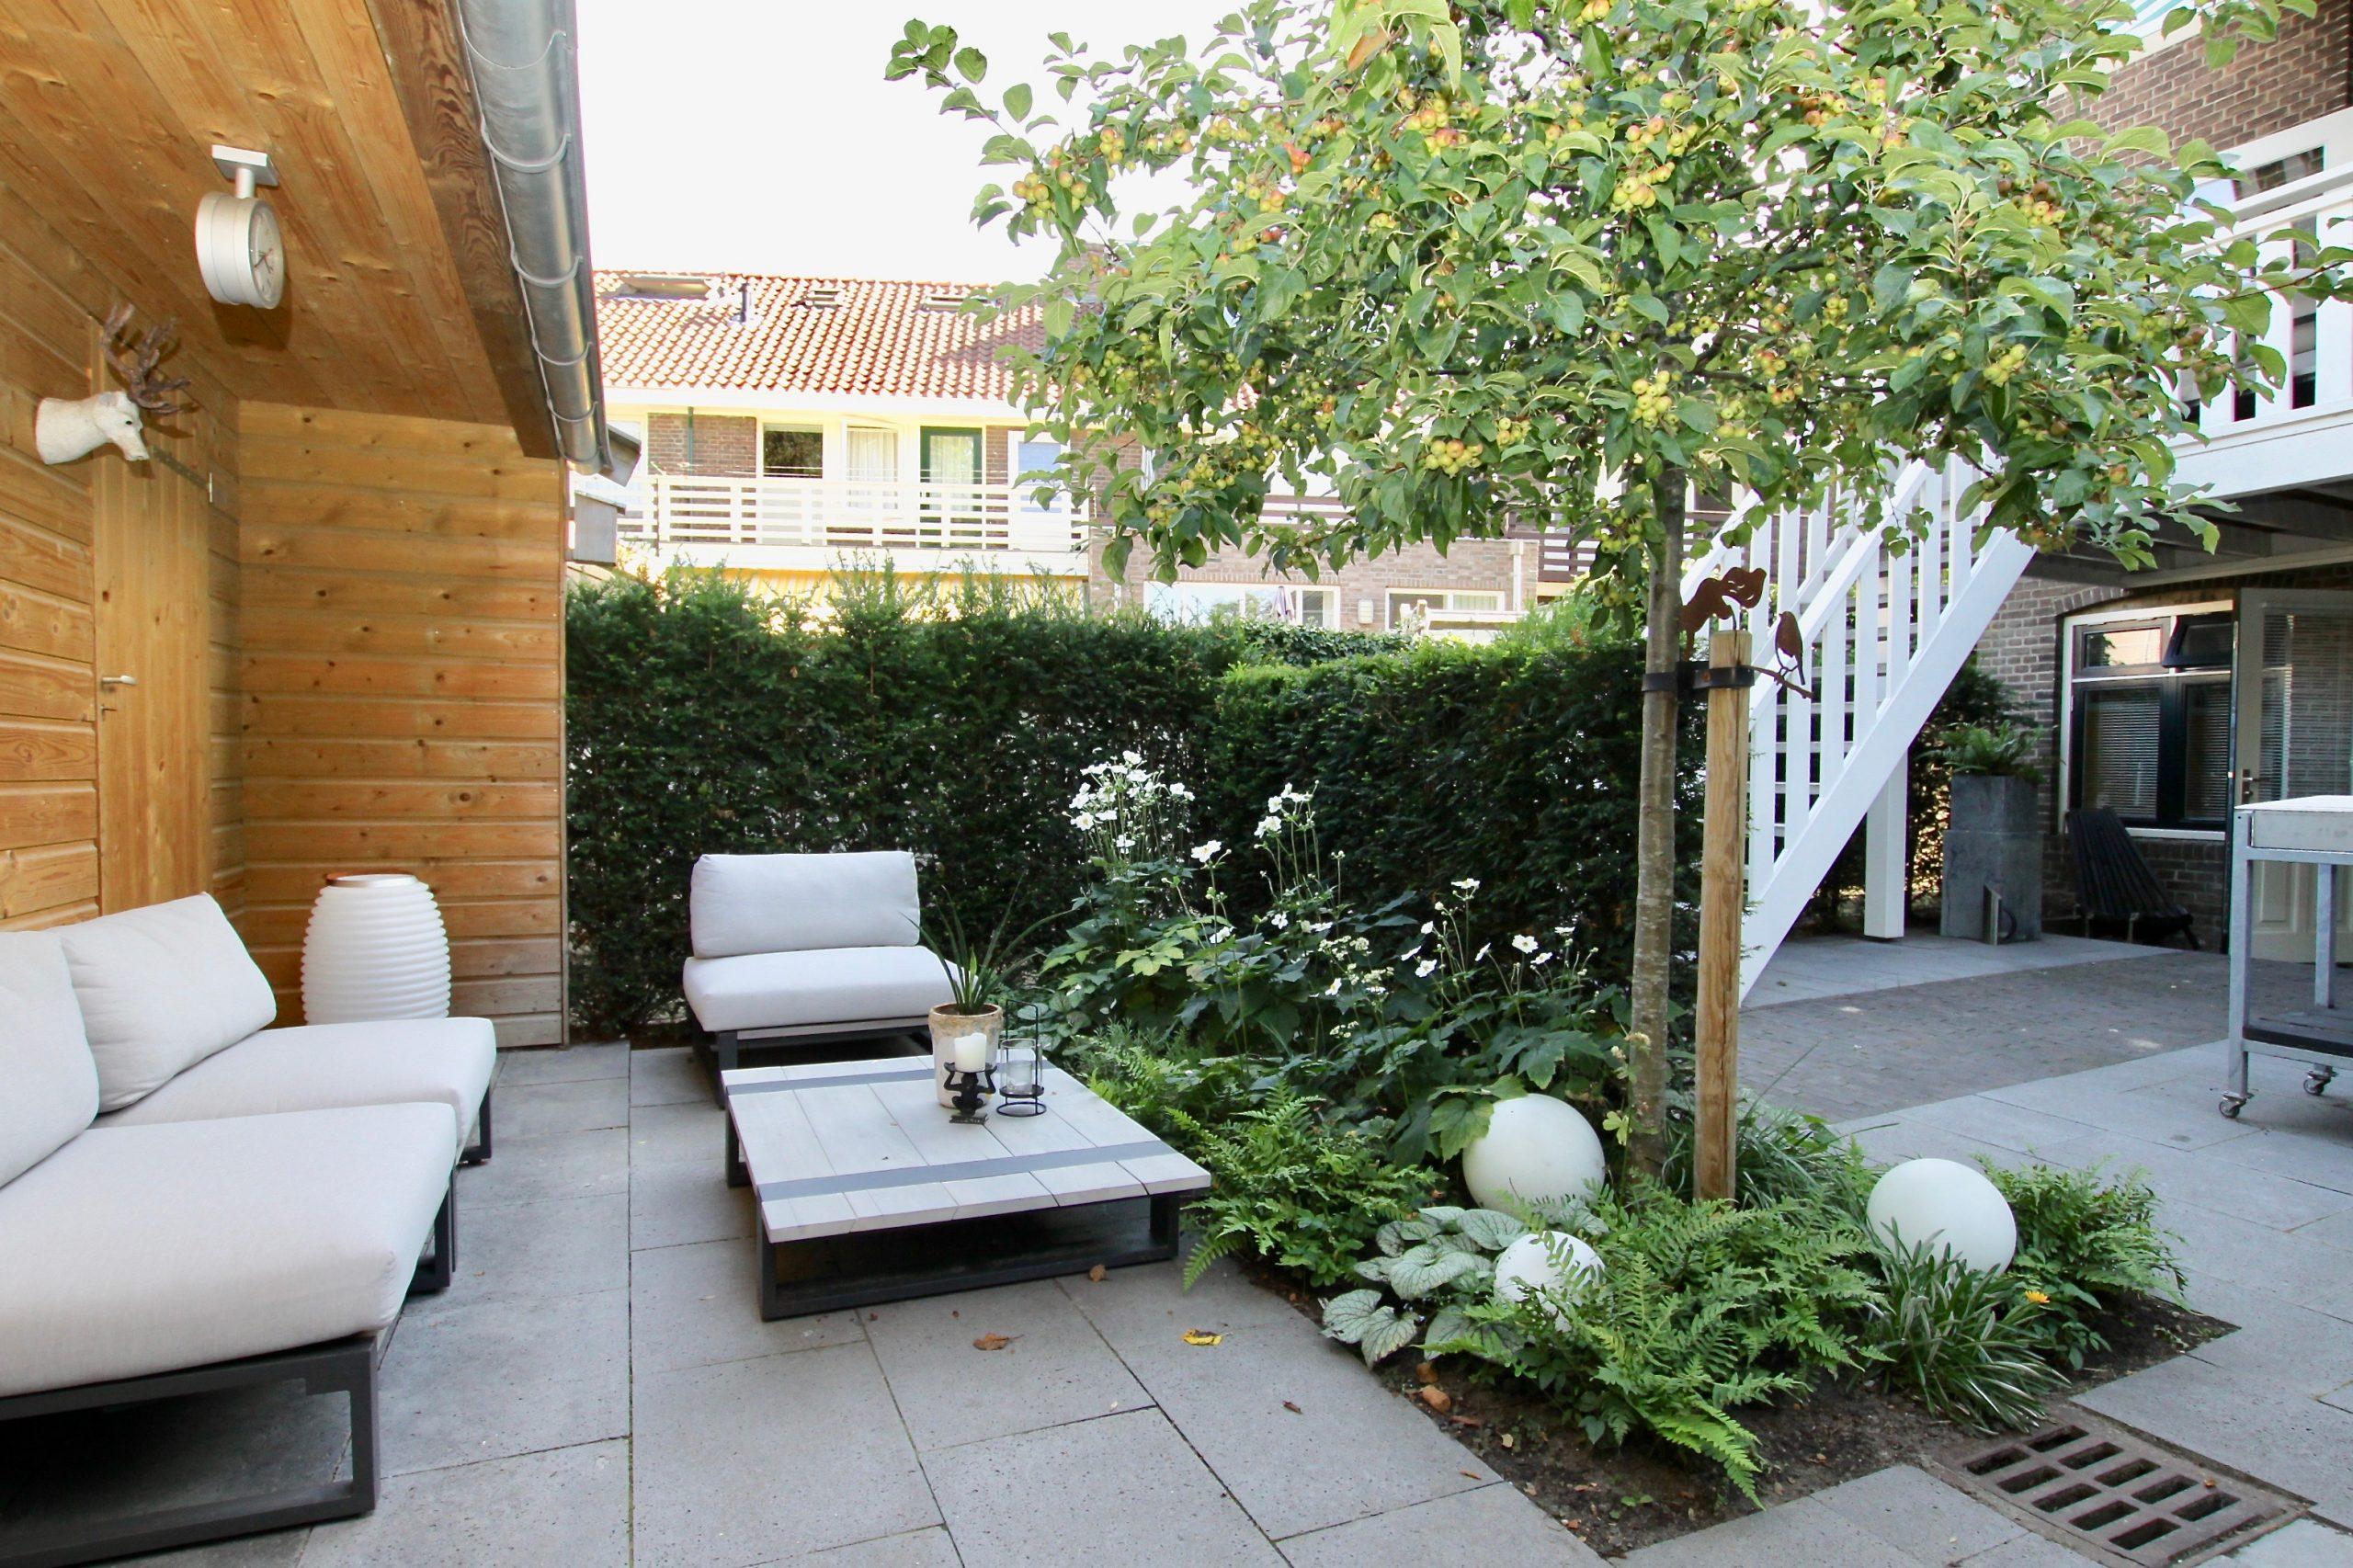 appartement met tuin